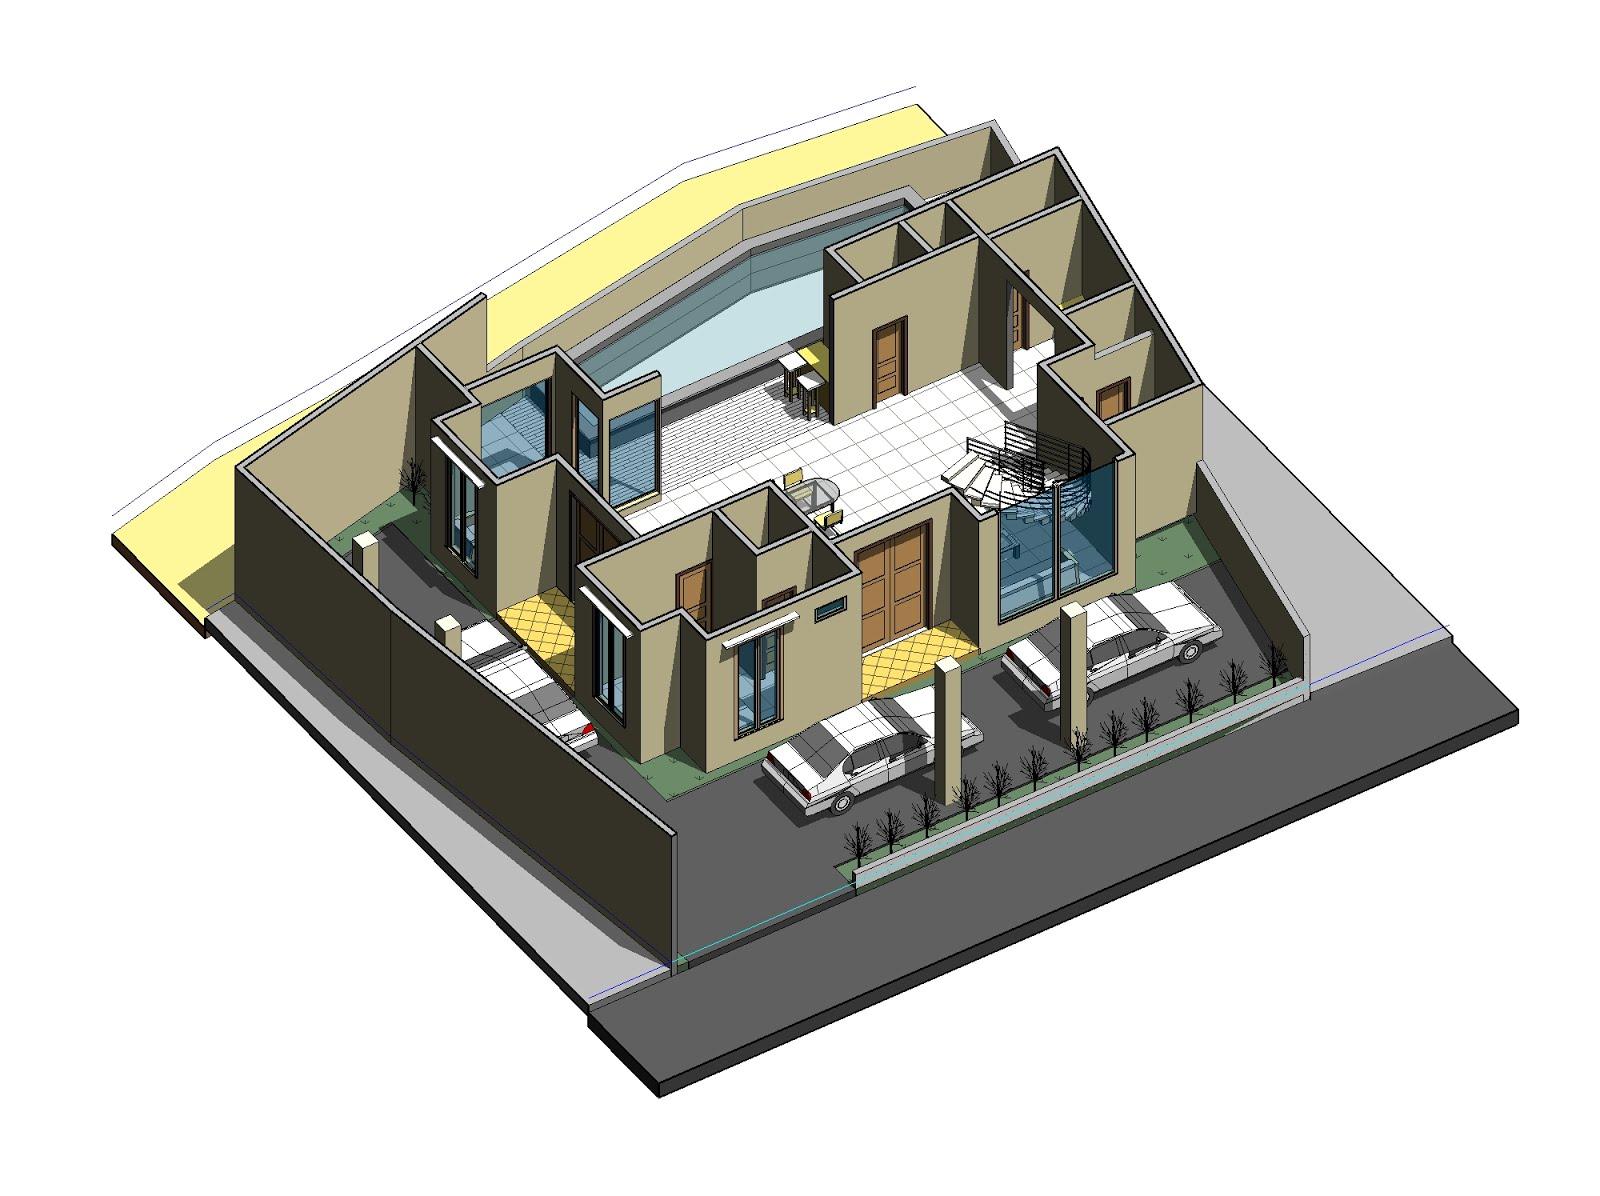 Susunan denah layout lantai 1 diutamakan untuk mengakomodir kebutuhan open space dimana banyak kegiatan inti dalam rumah akan terjadi.